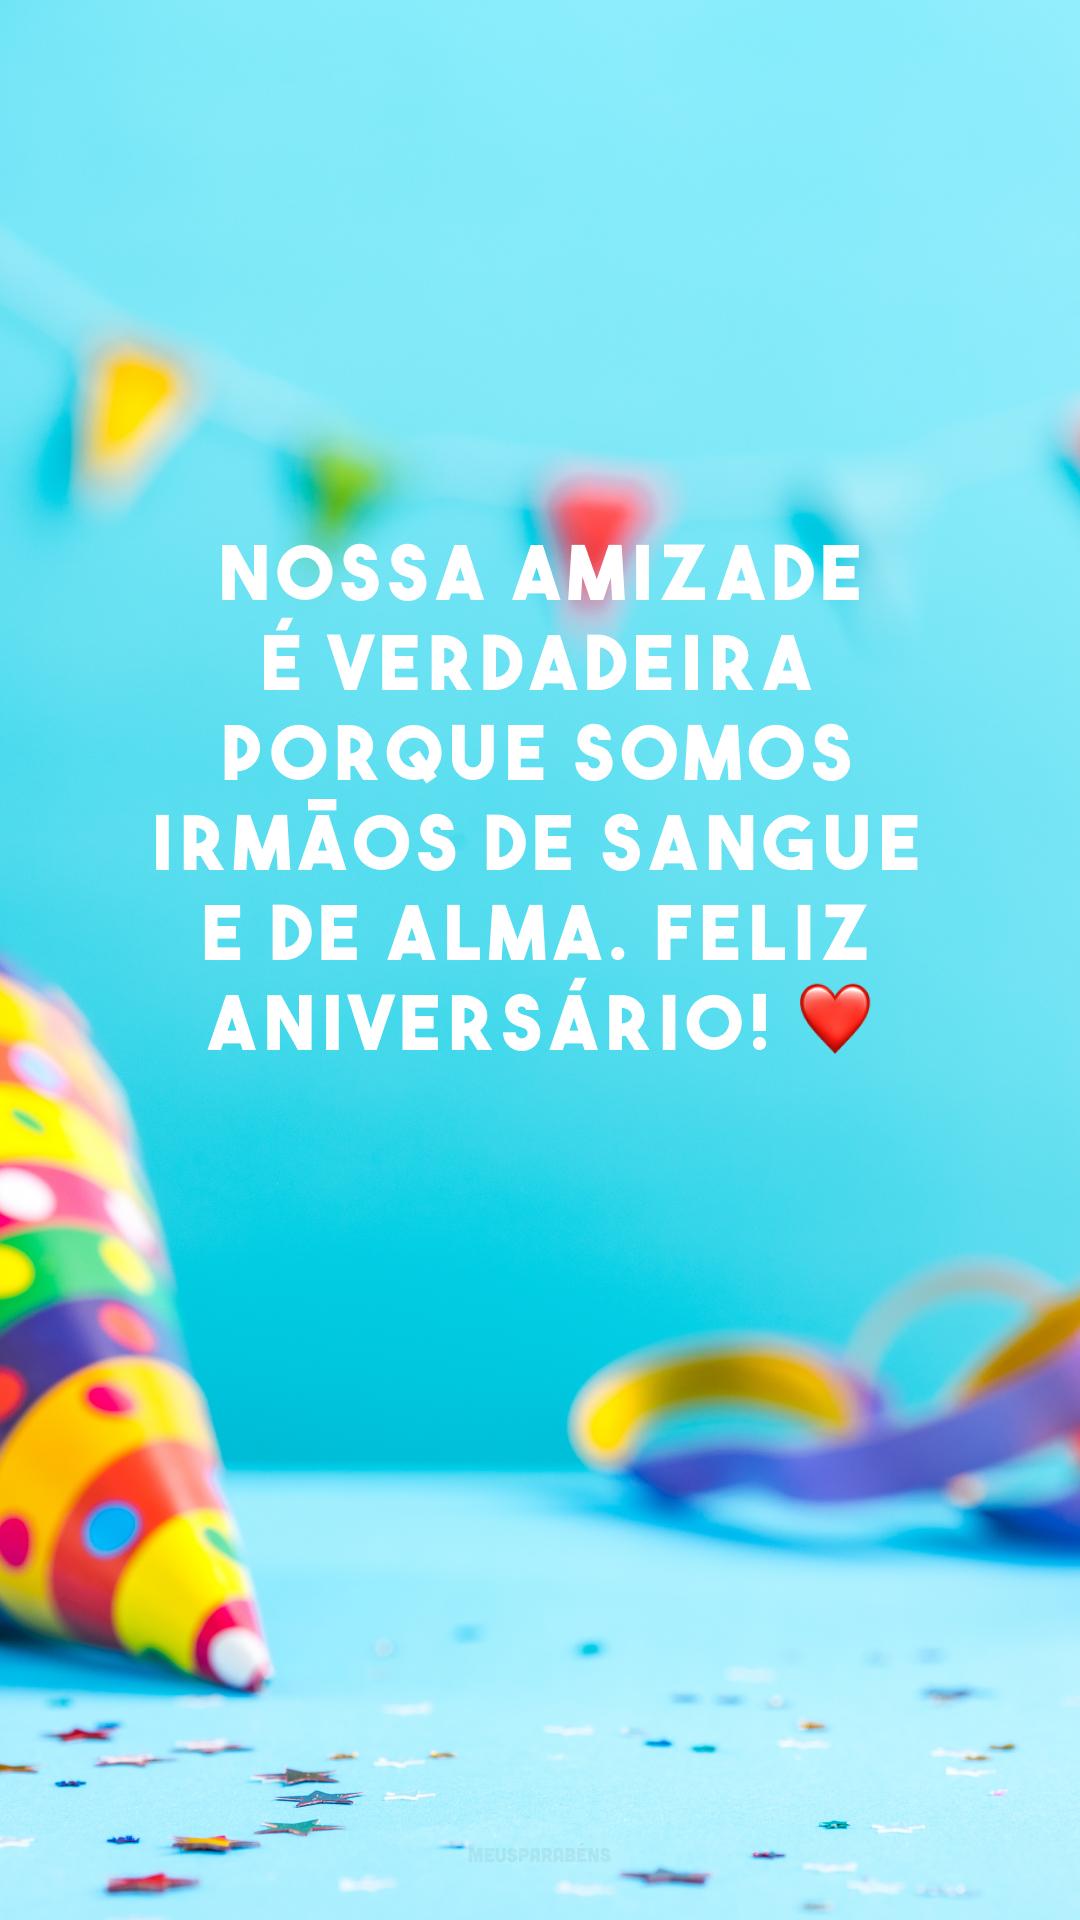 Nossa amizade é verdadeira porque somos irmãos de sangue e de alma. Feliz aniversário! ❤